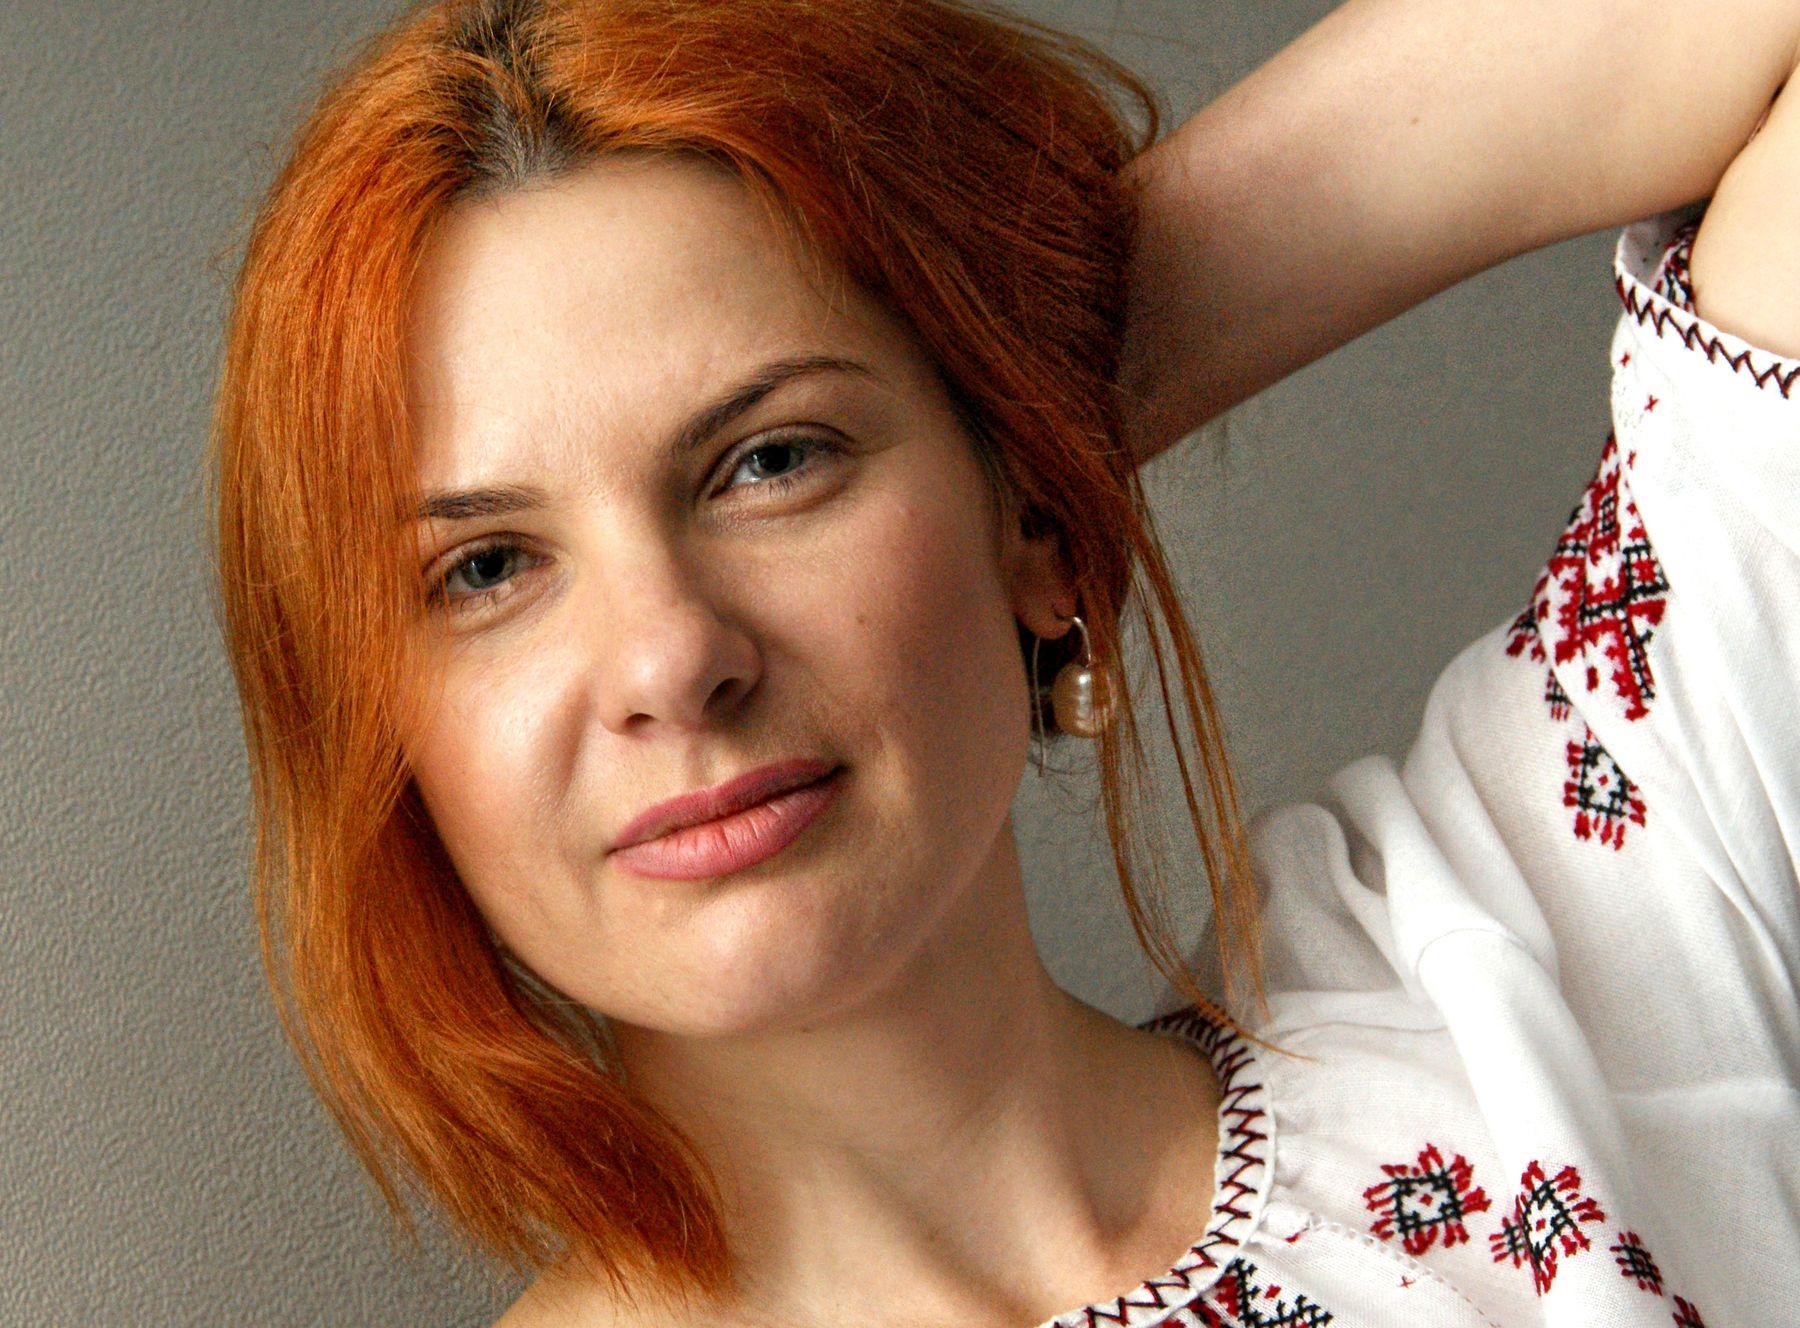 Портрет Валентины Сергиенко Валя Сергиенко день вышиванки девушка рыжая